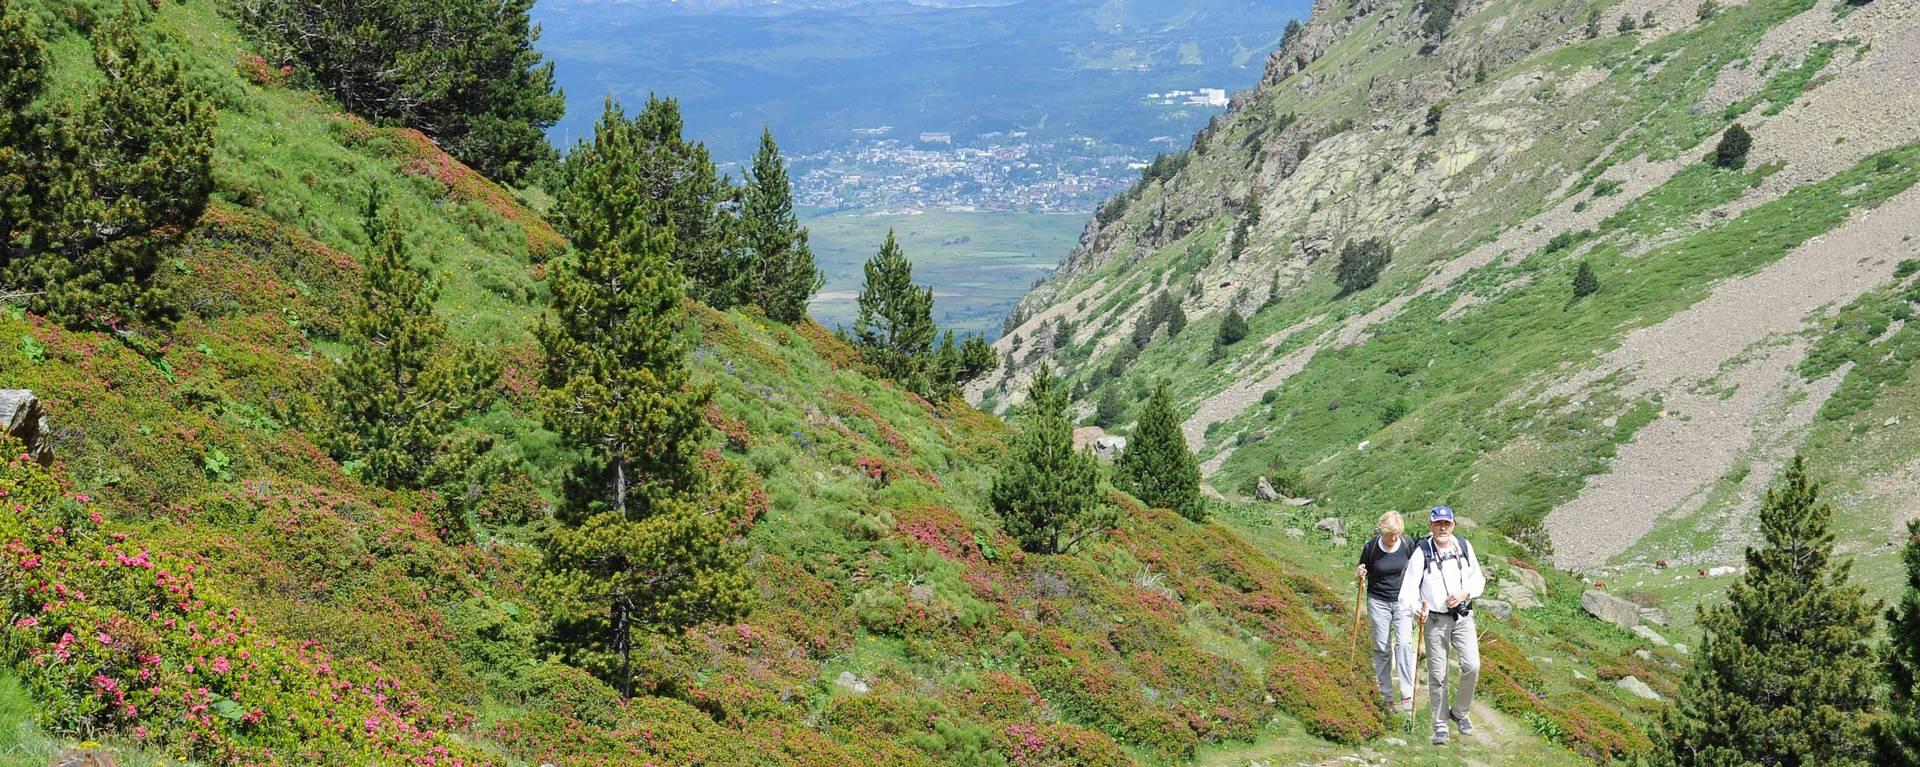 Magnifique panorama dans la vallée d'Eyne en Pyrénées Catalanes